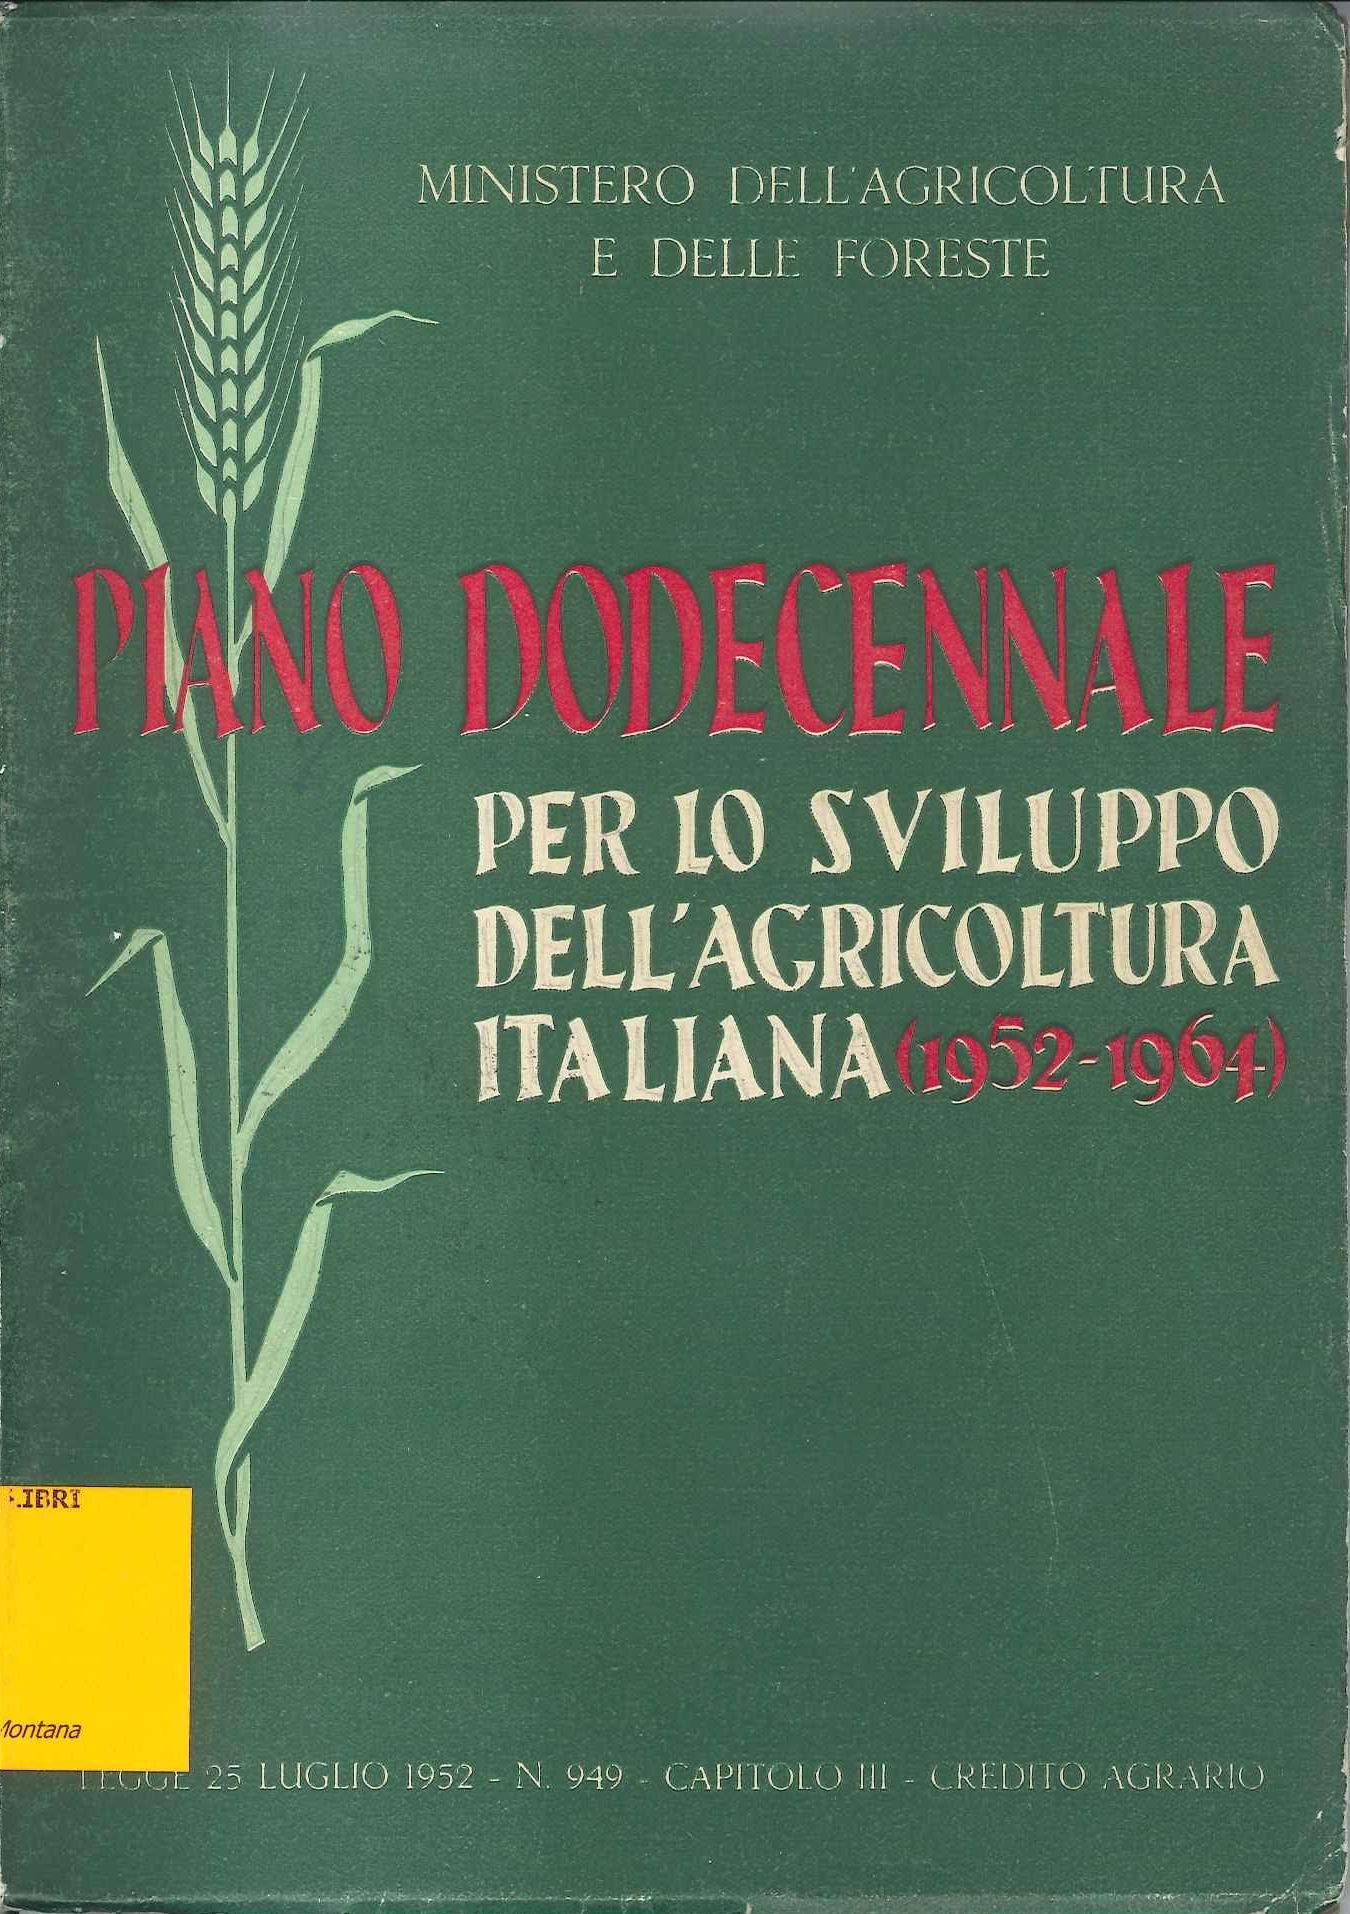 Piano dodecennale per lo sviluppo dell'agricoltura italiana (1952-1964)